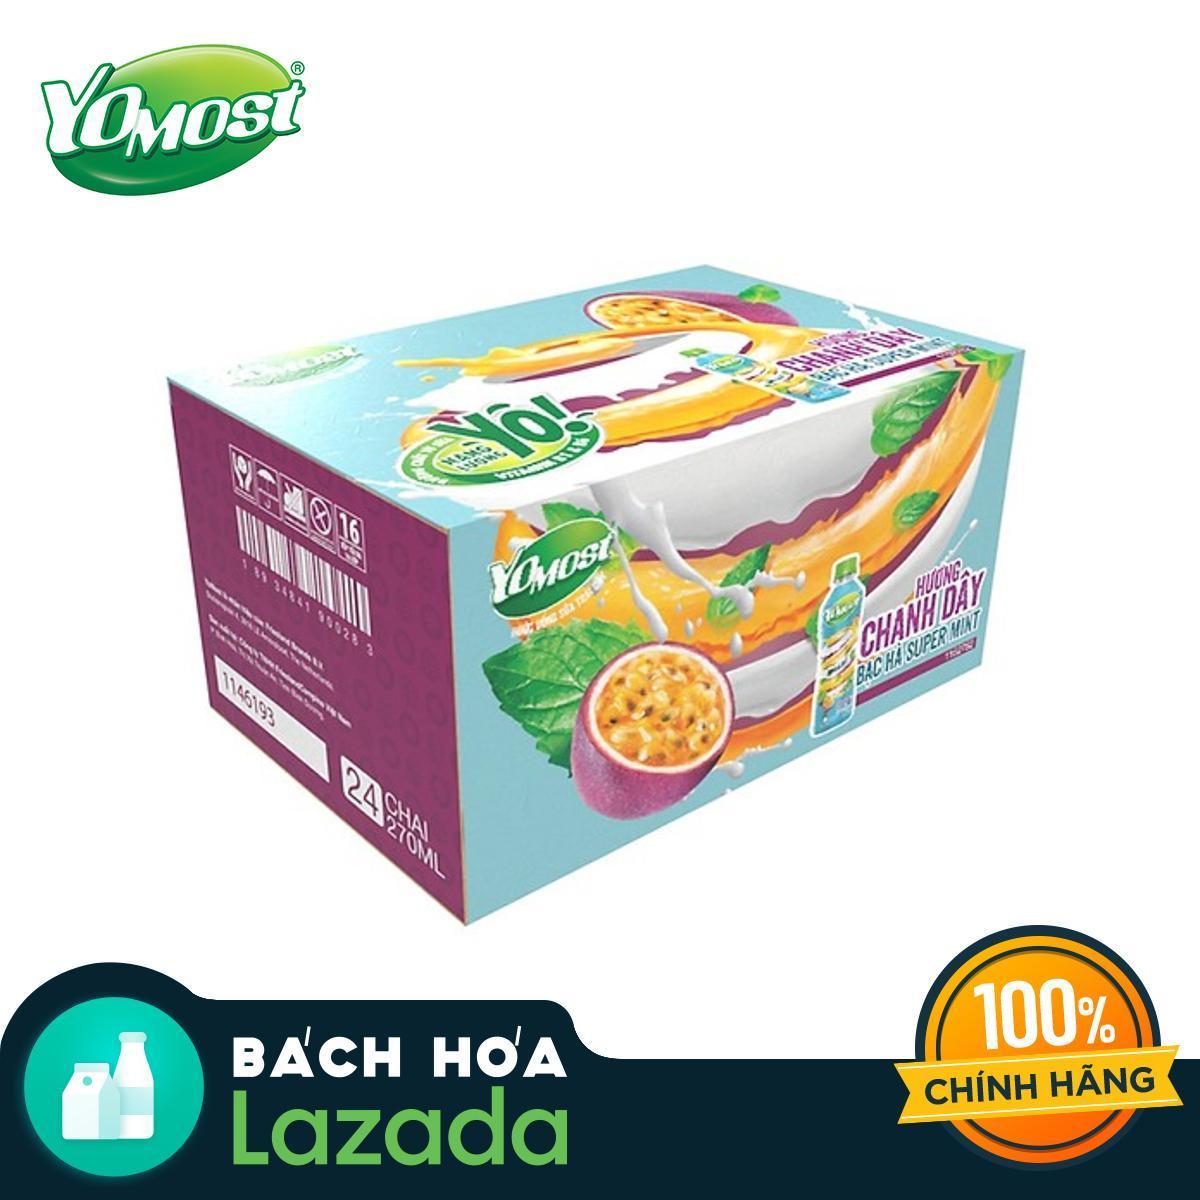 Thùng 24 Chai Sữa Trái Cây Yomost Chanh Dây Bạc Hà 270ml Với Giá Sốc